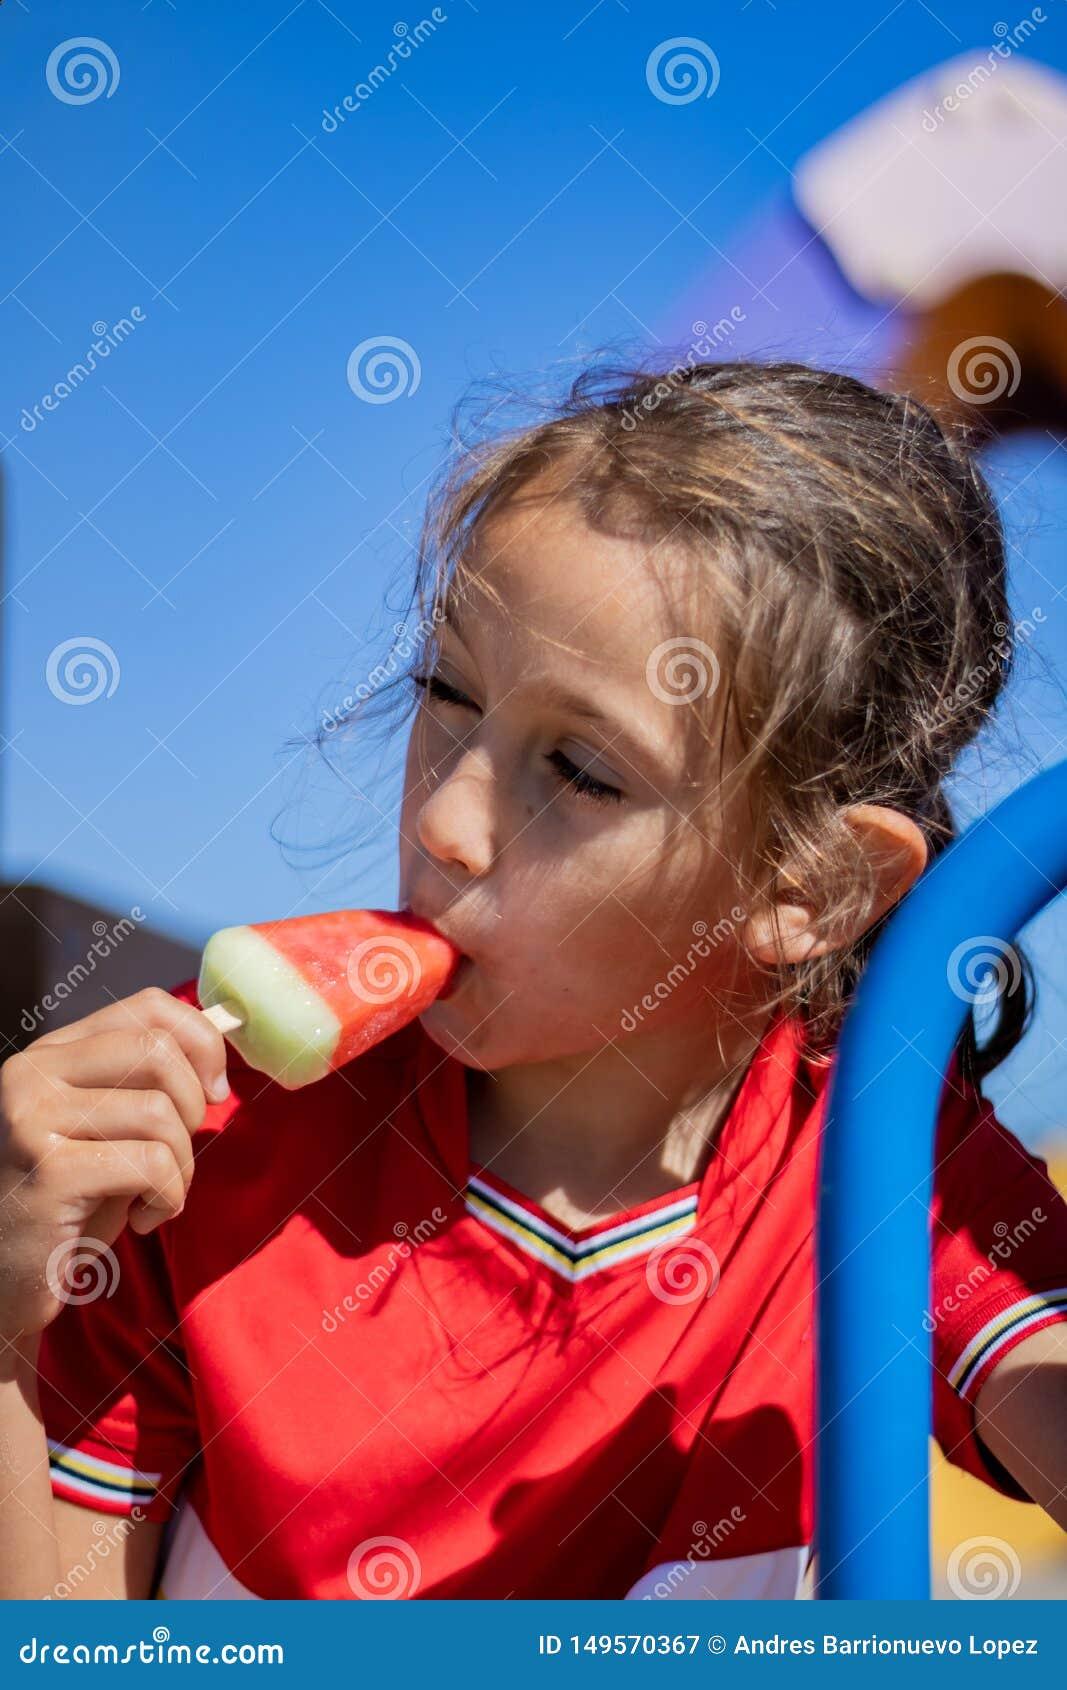 Μικρό κορίτσι που τρώει ένα παγωτό